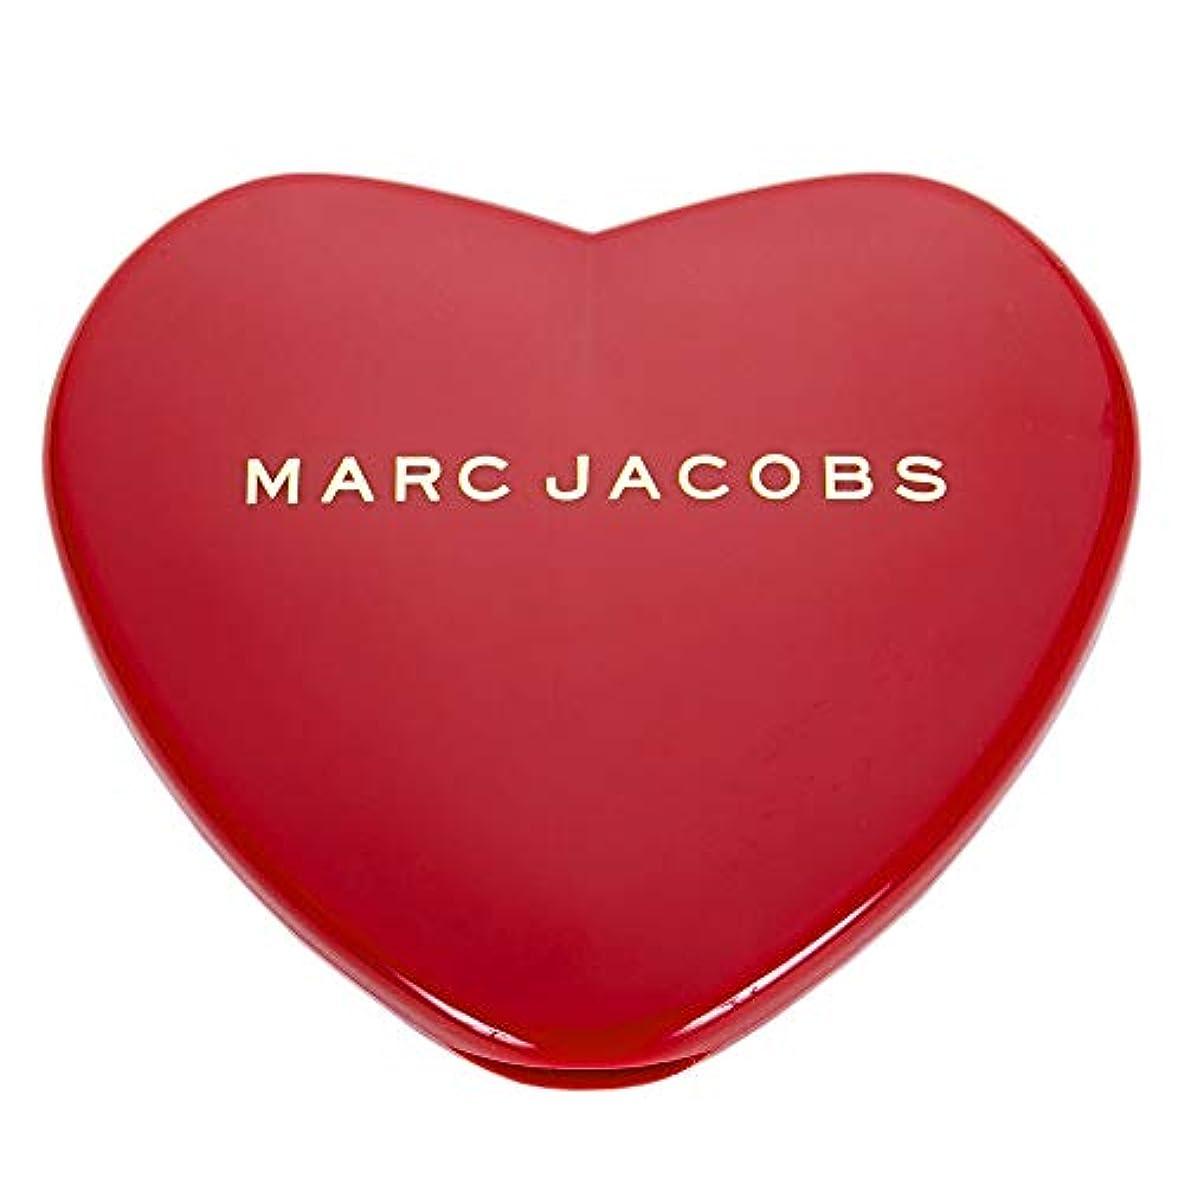 種をまく医薬問い合わせ[名入れ対応可] MARC JACOBS マークジェイコブス ハート コンパクトミラー コスメ 折りたたみ